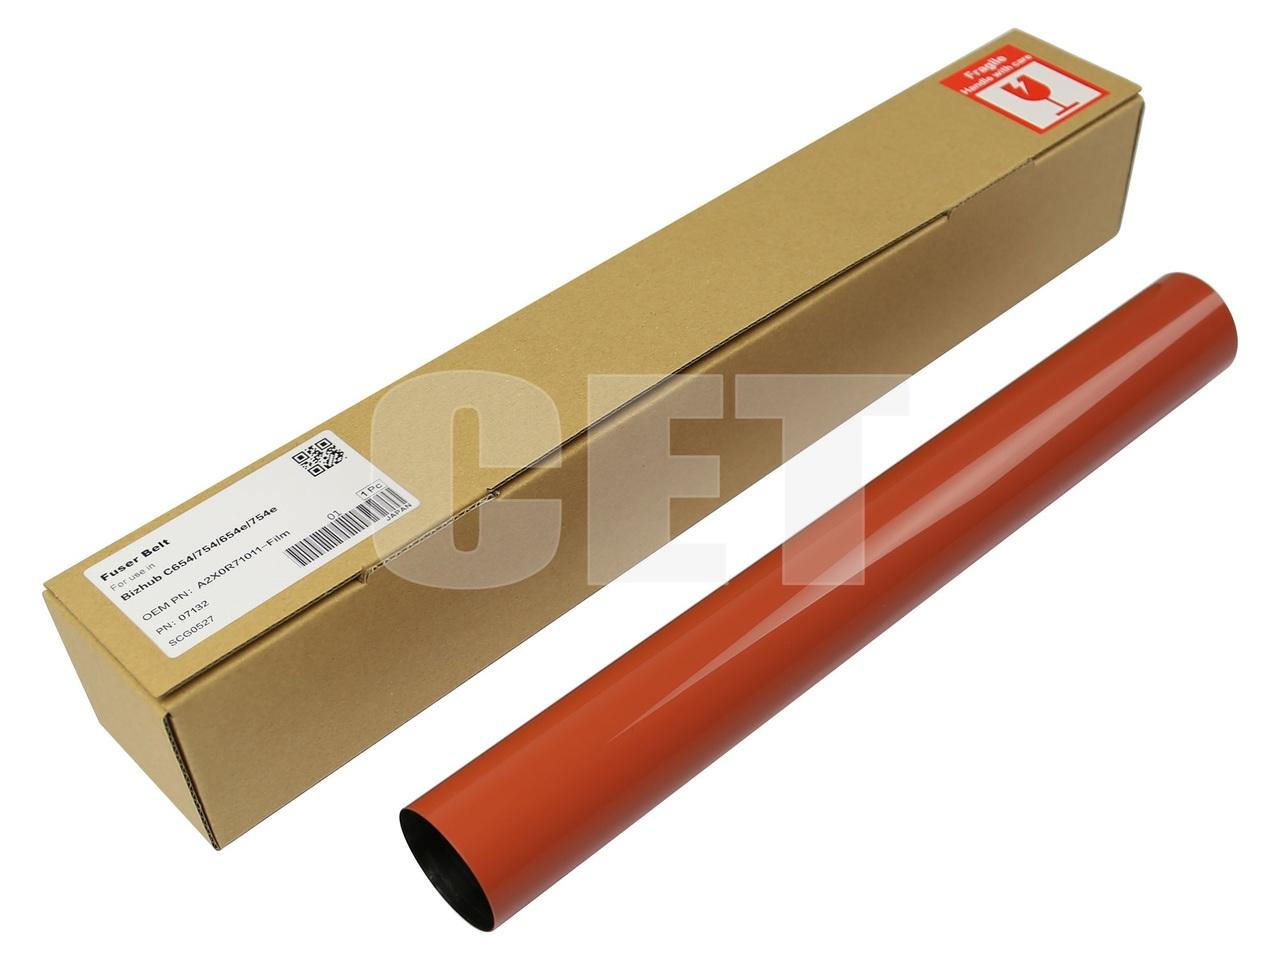 Термопленка для KONICA MINOLTA Bizhub654/754/654e/754e/C654/C754/C654e/C754e (CET), CET7132